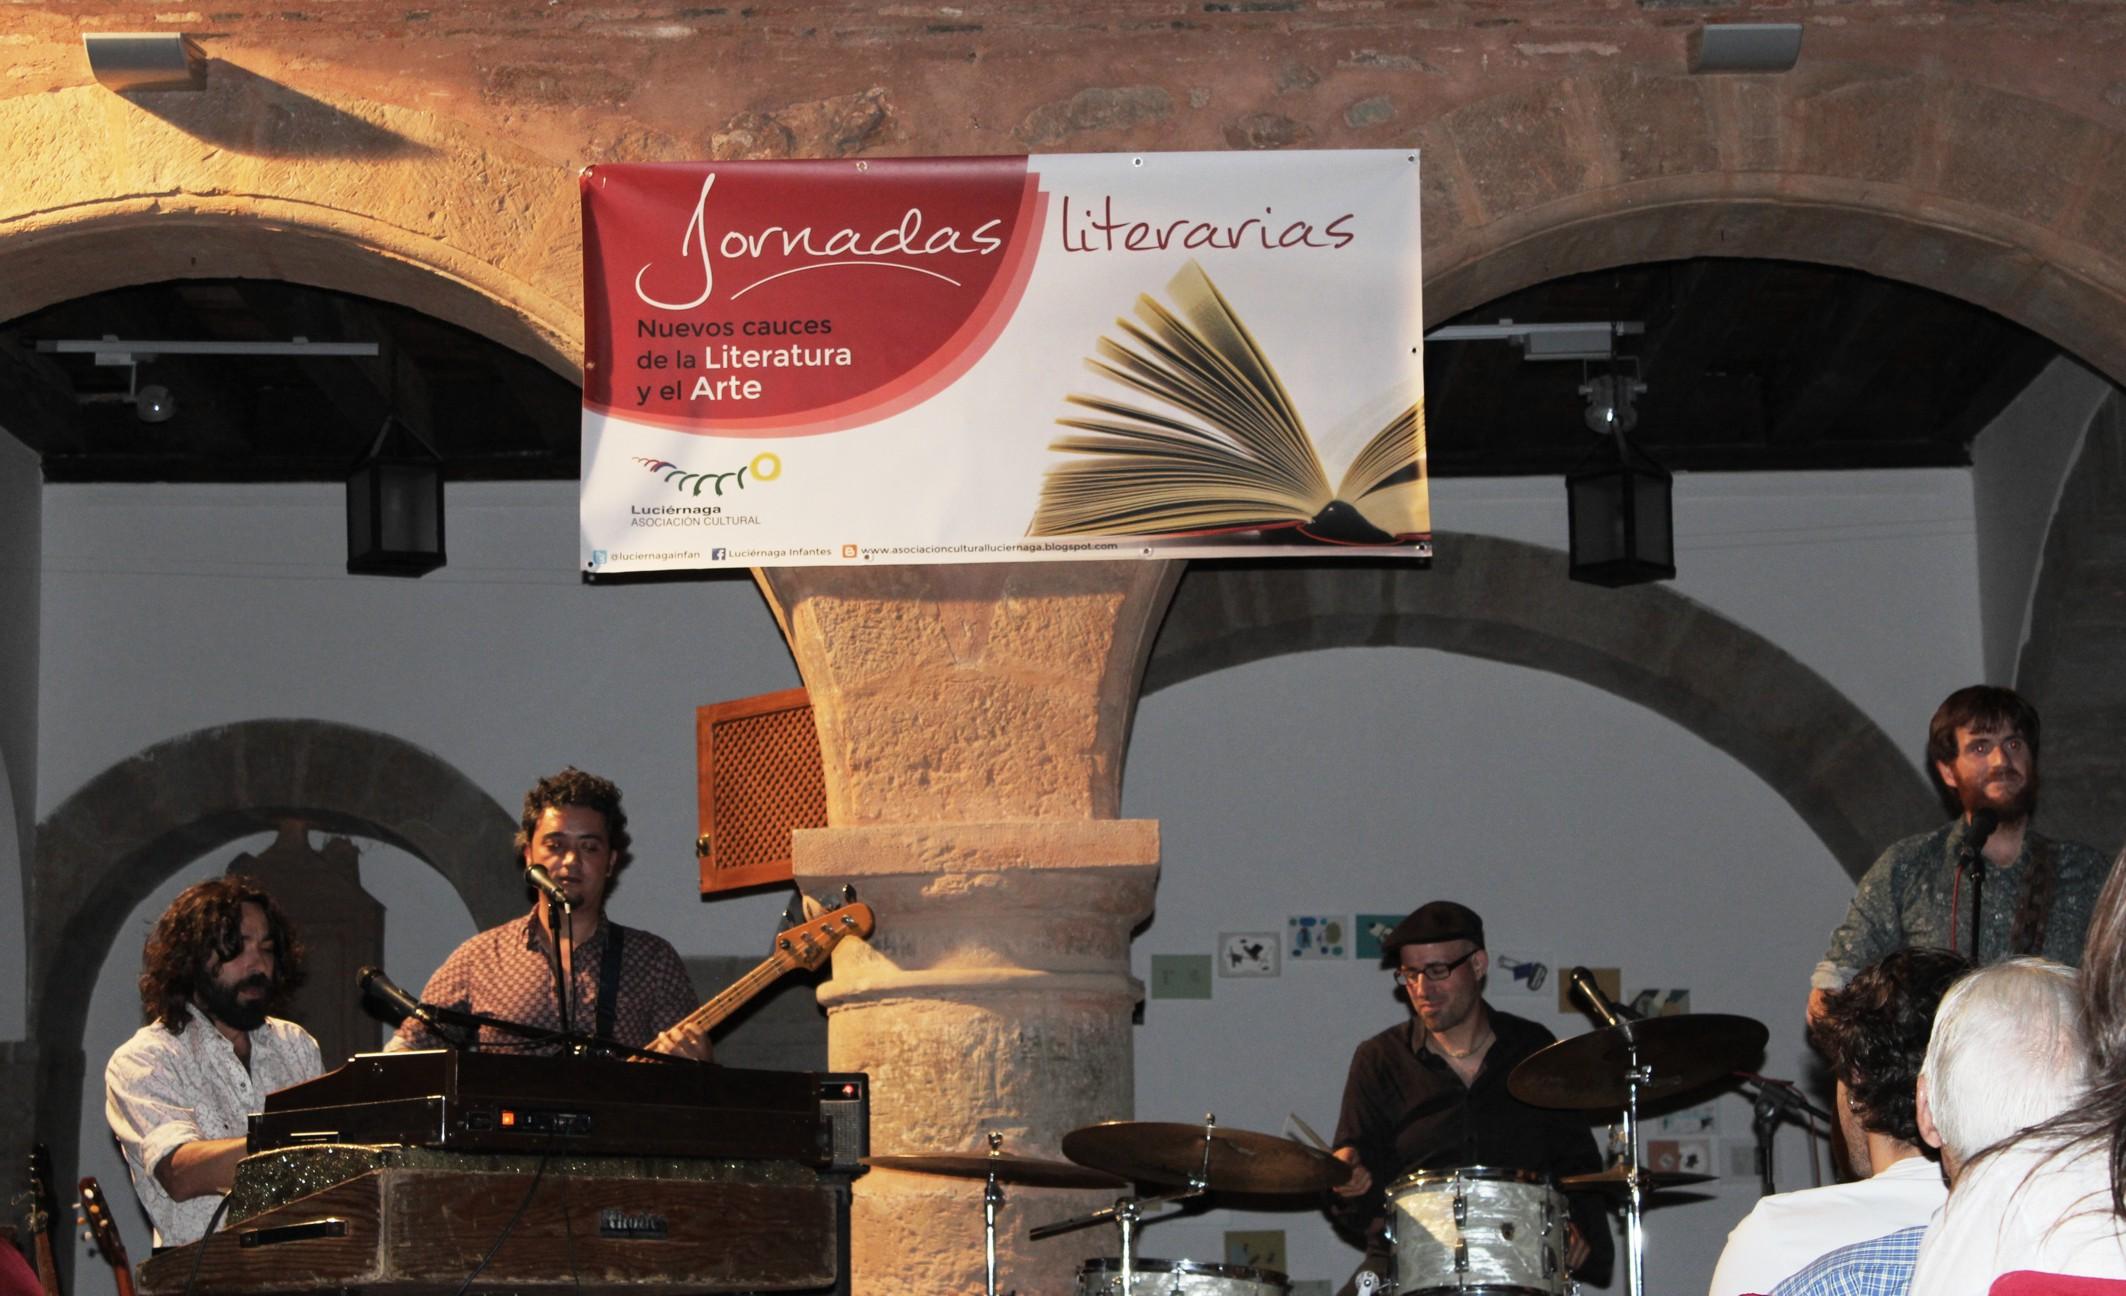 Julián Maeso y su banda presentan en Infantes su nuevo disco